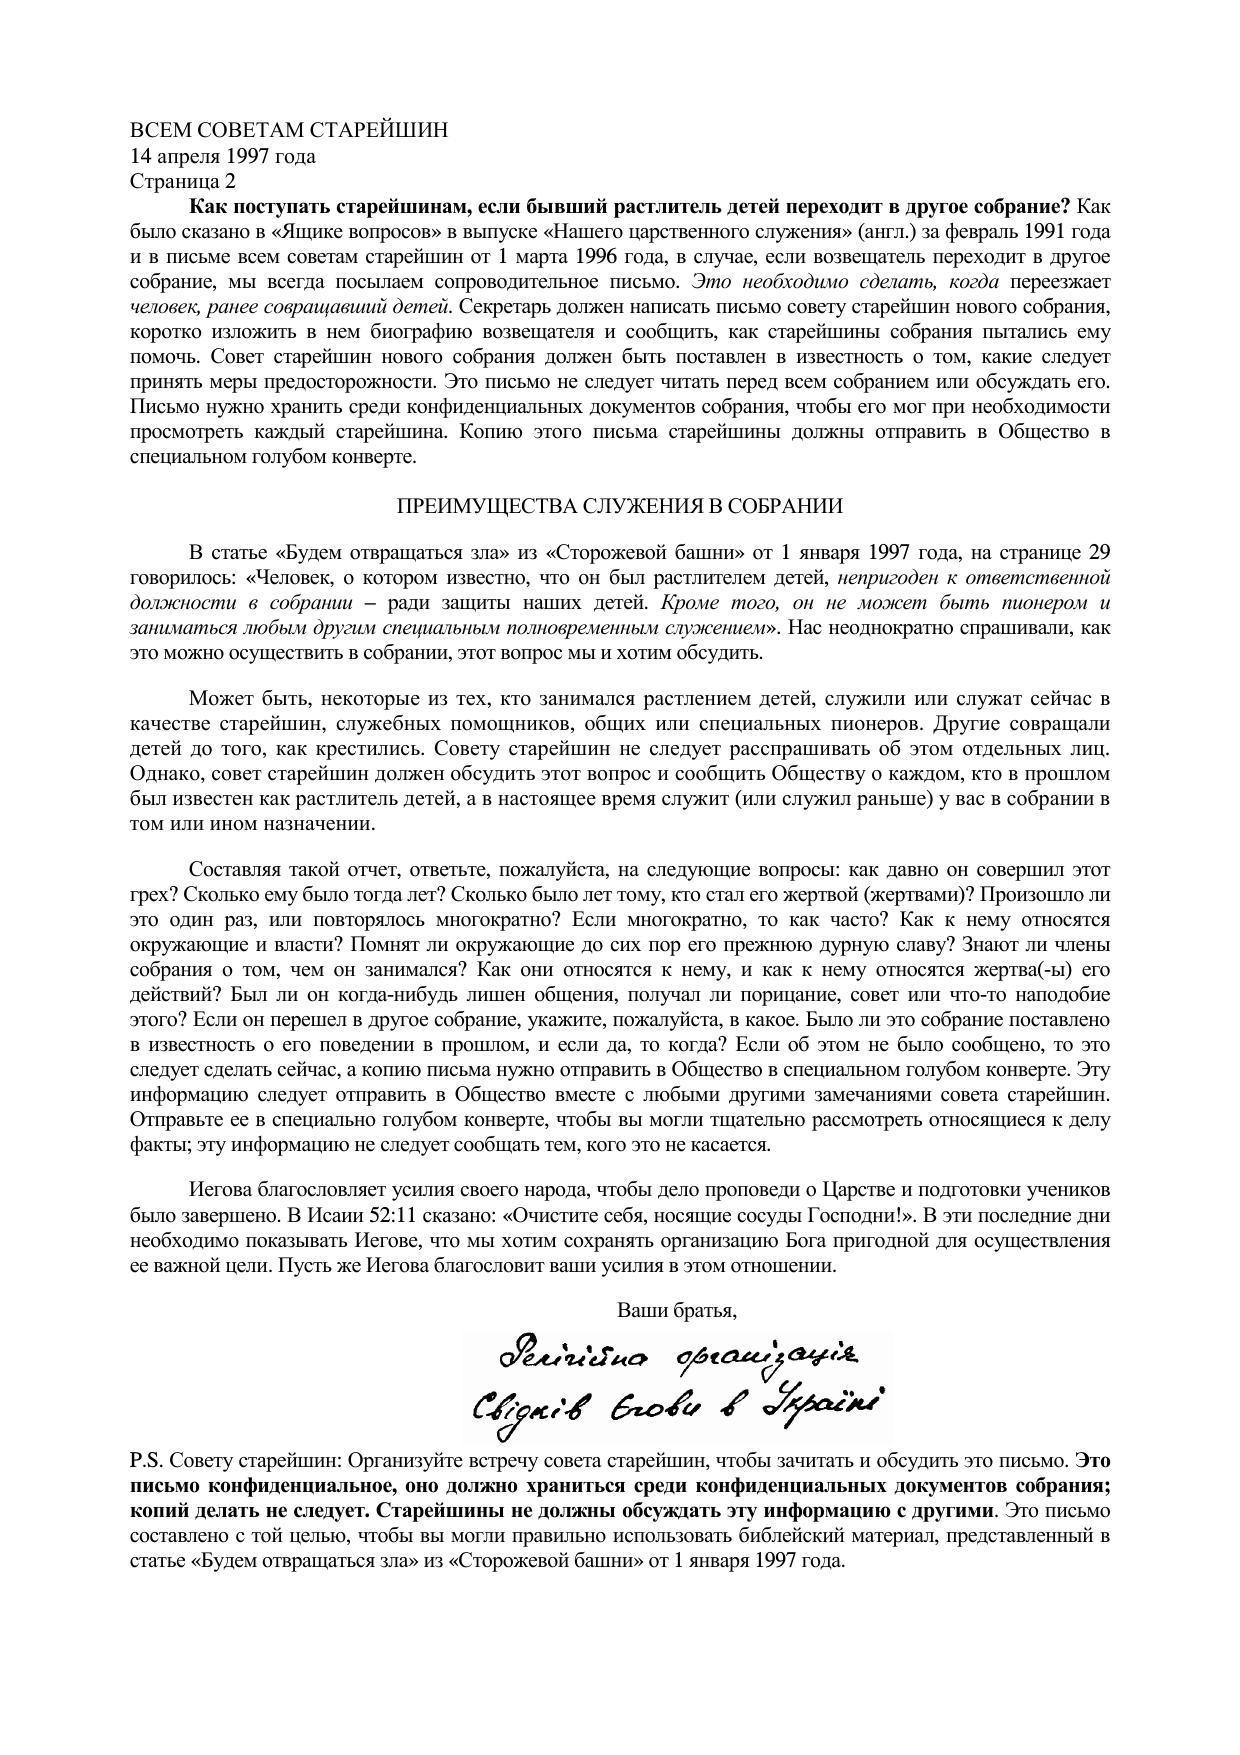 1997-04-14-Защита_жертв_растления_и_информация,_которую_нужно_сообщать_в_филиал_L-19970414-U_Uk_2